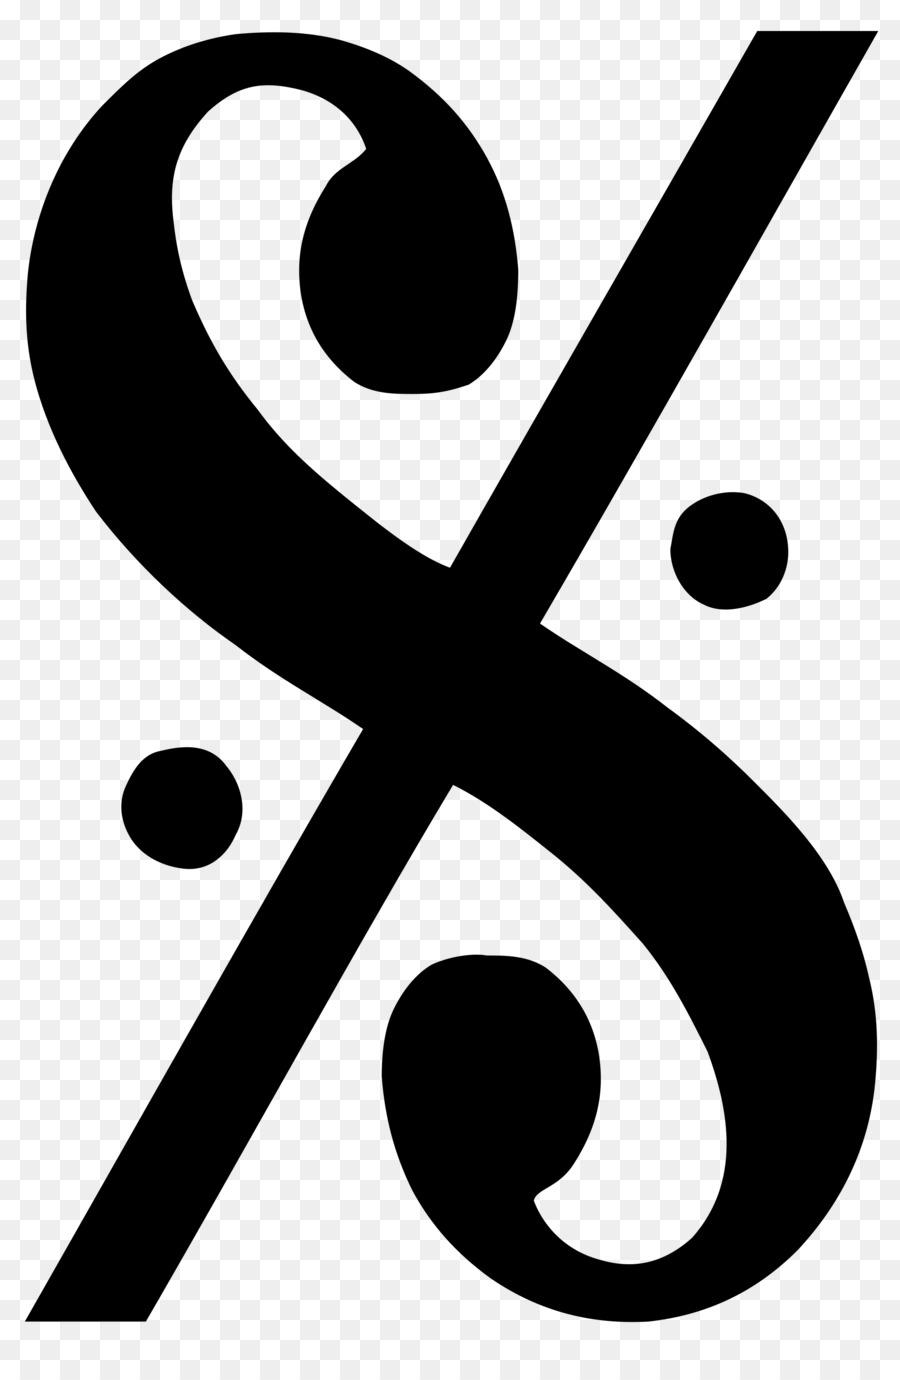 hight resolution of segno musical clipart dal segno coda repeat sign